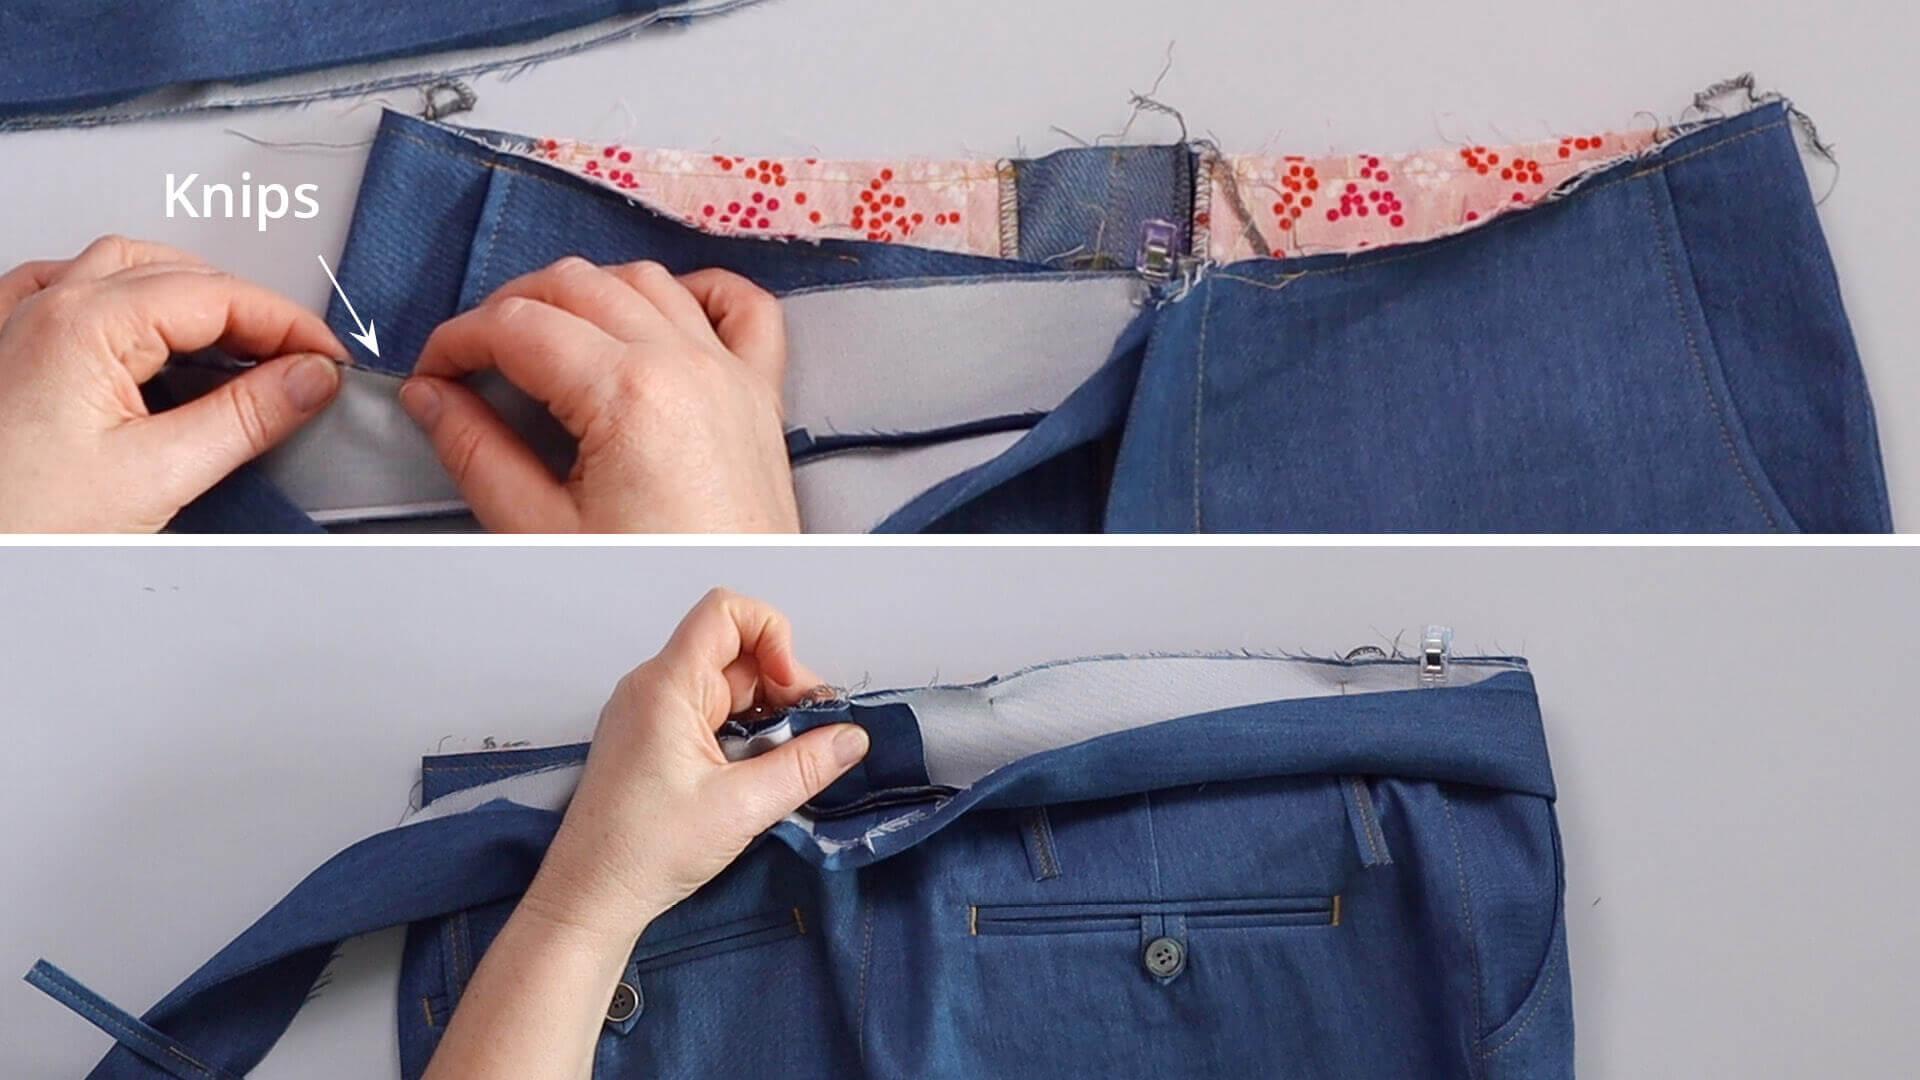 angesetzten Hosenbund #B01 selber nähen-Außenbund rechts auf rechts an Hose feststecken